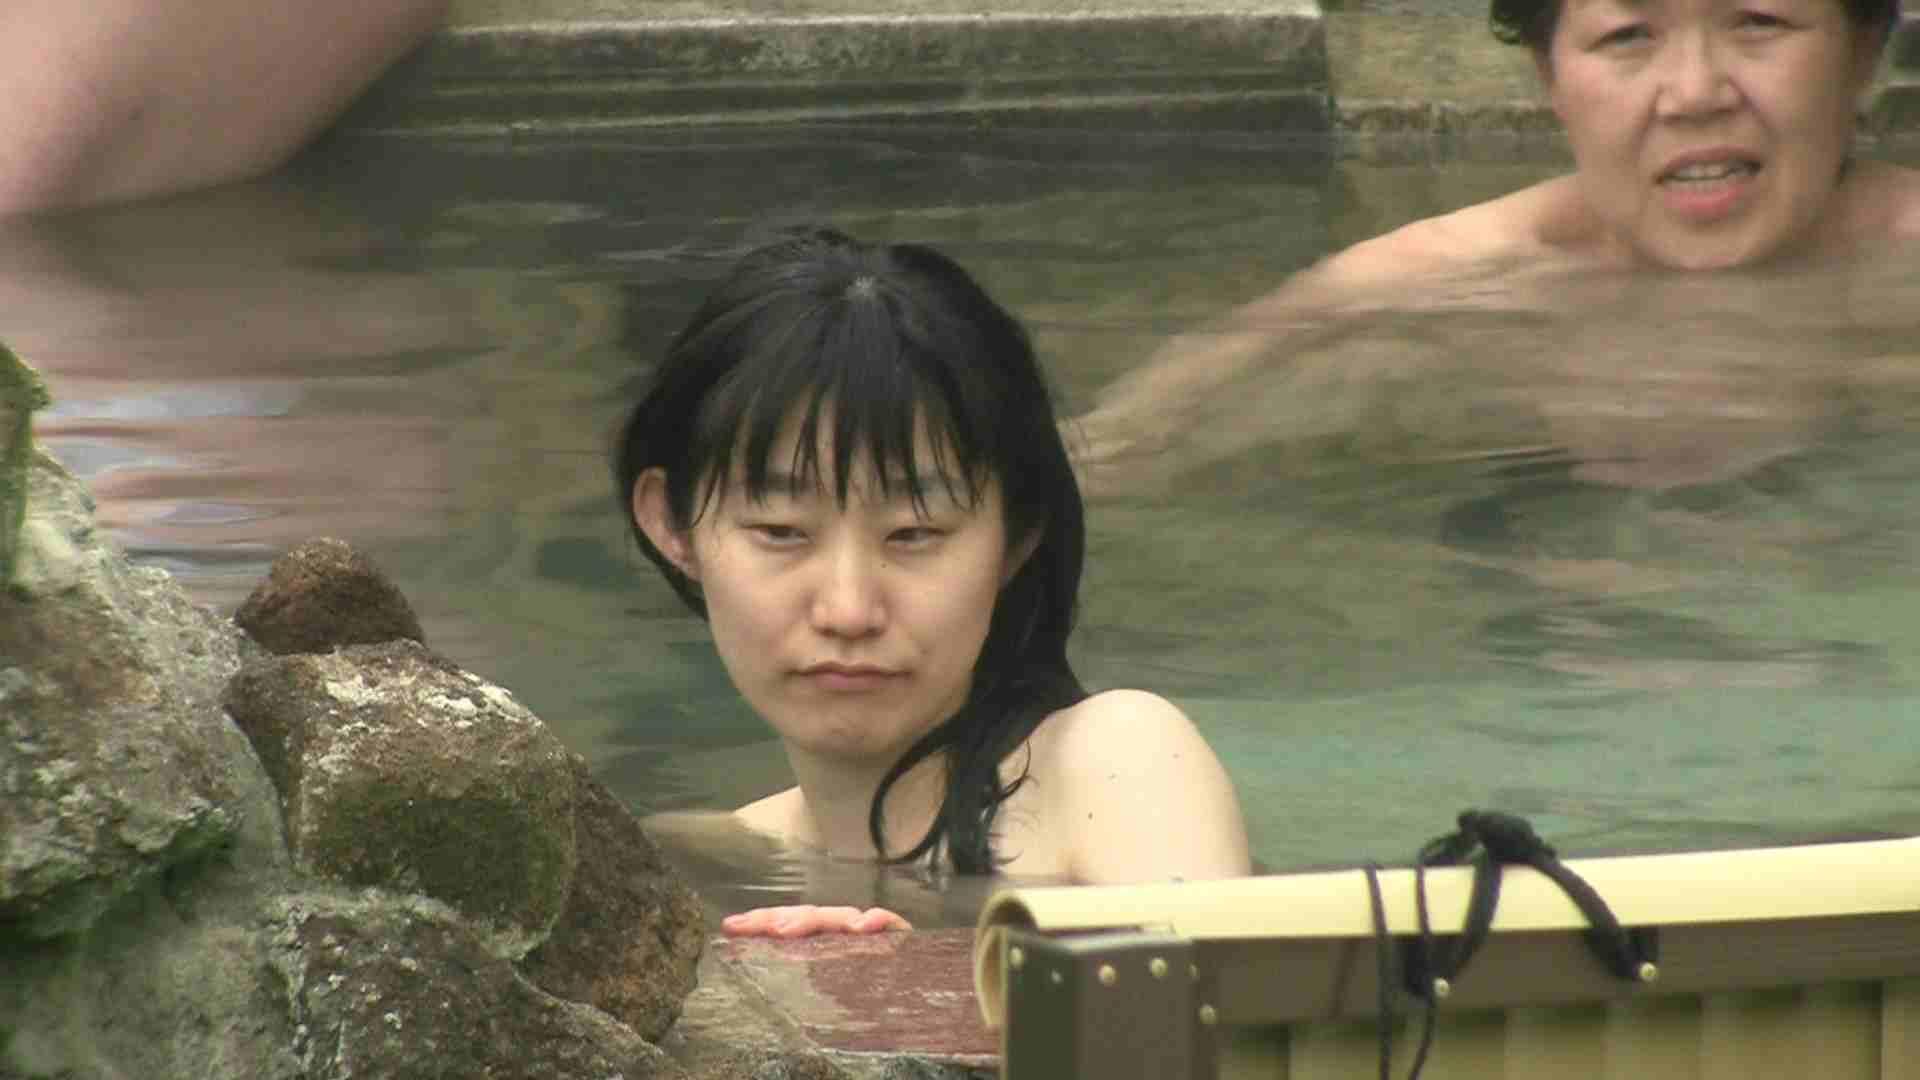 巨乳 乳首:Aquaな露天風呂Vol.14【VIP】:のぞき本舗 中村屋